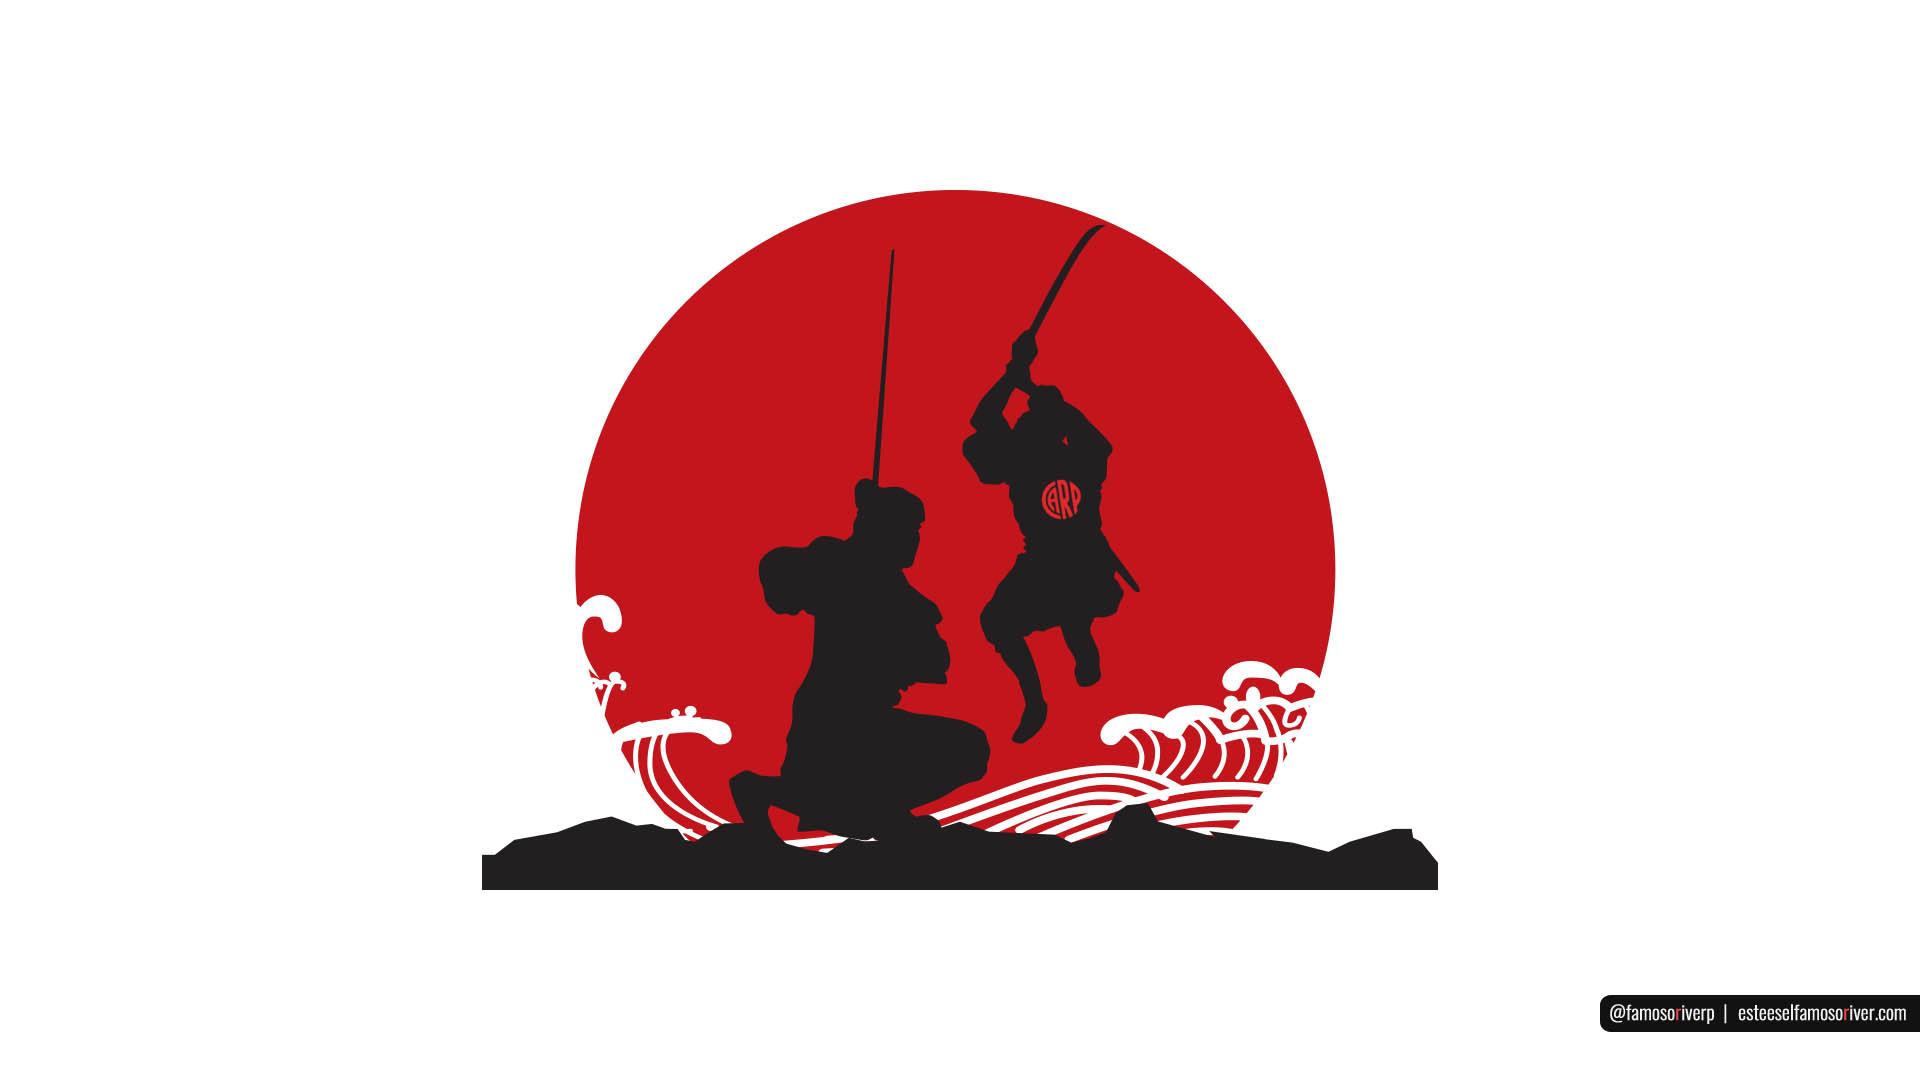 imagenes-de-river-plate-para-fondos-de-pantalla-wallpaper-de-river-japon